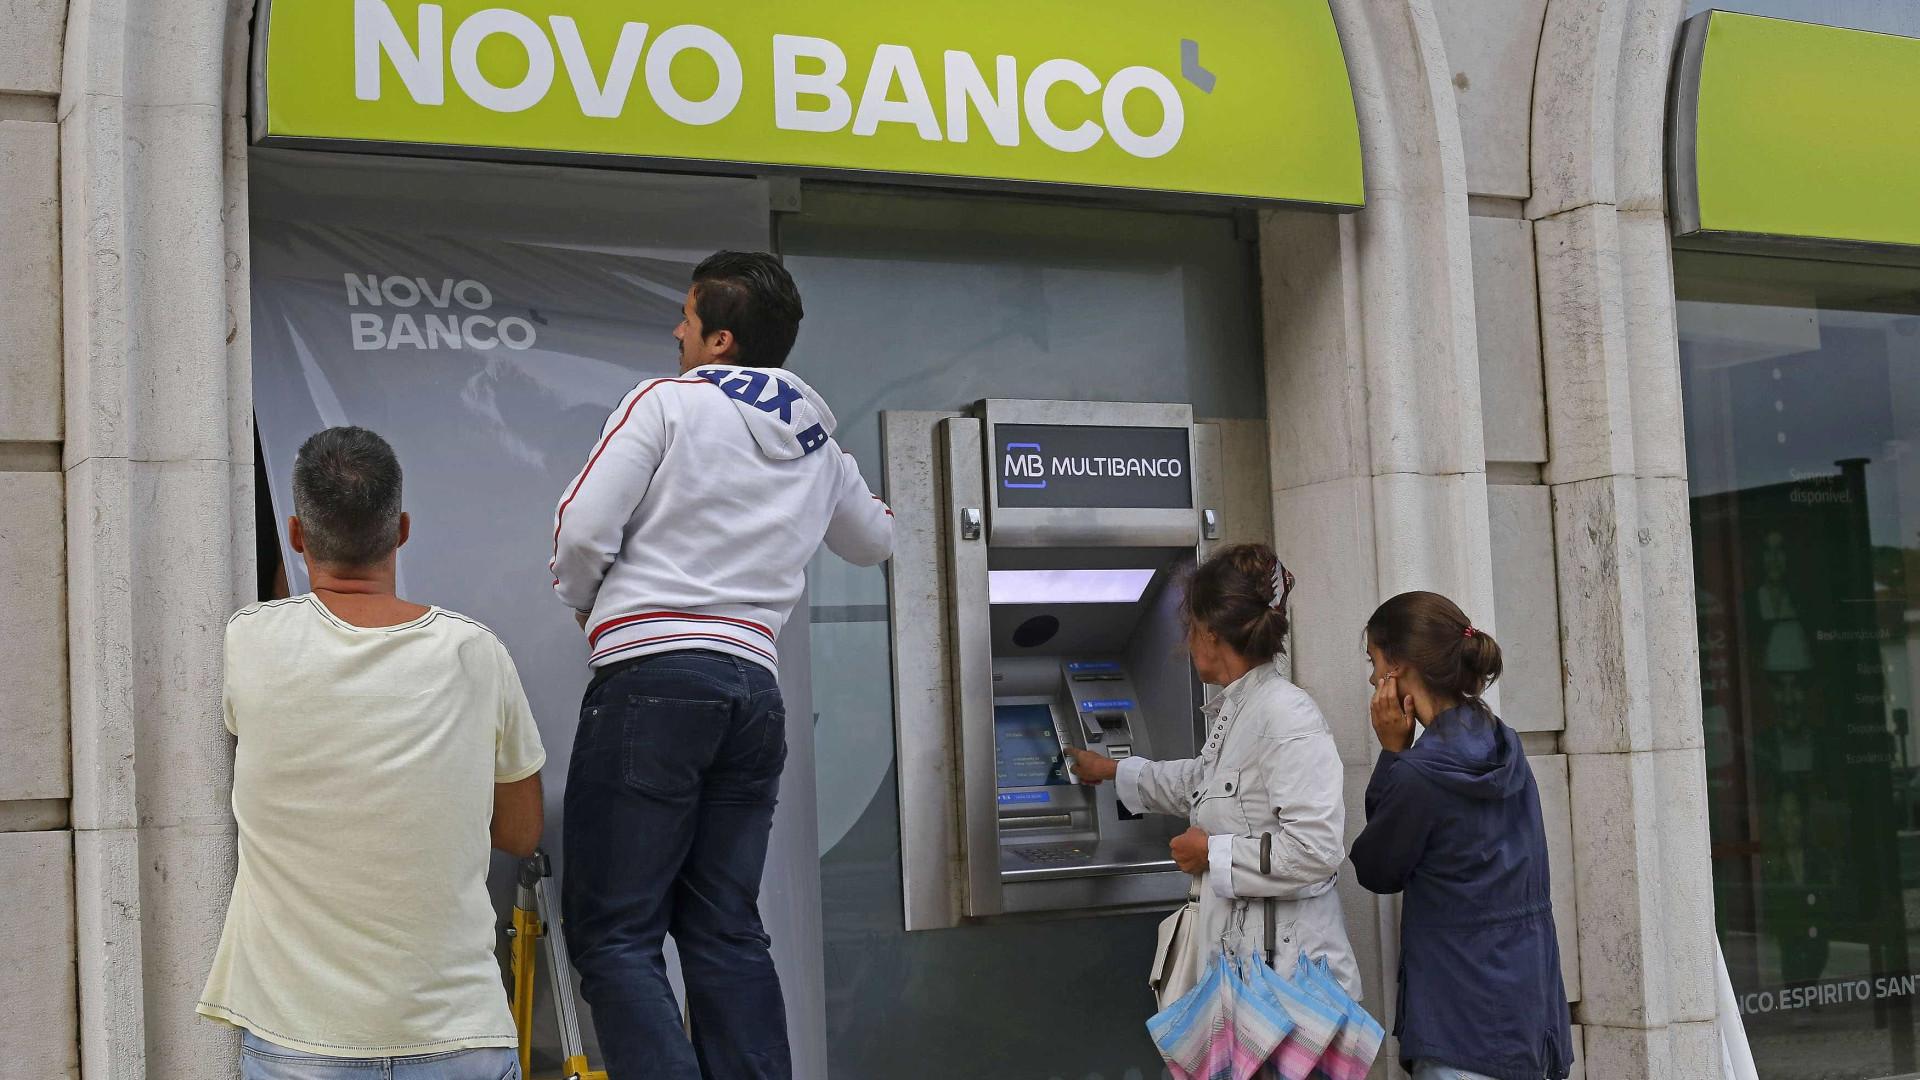 António Ramalho: Recapitalização do Novo Banco já custou 4,5 mil milhões